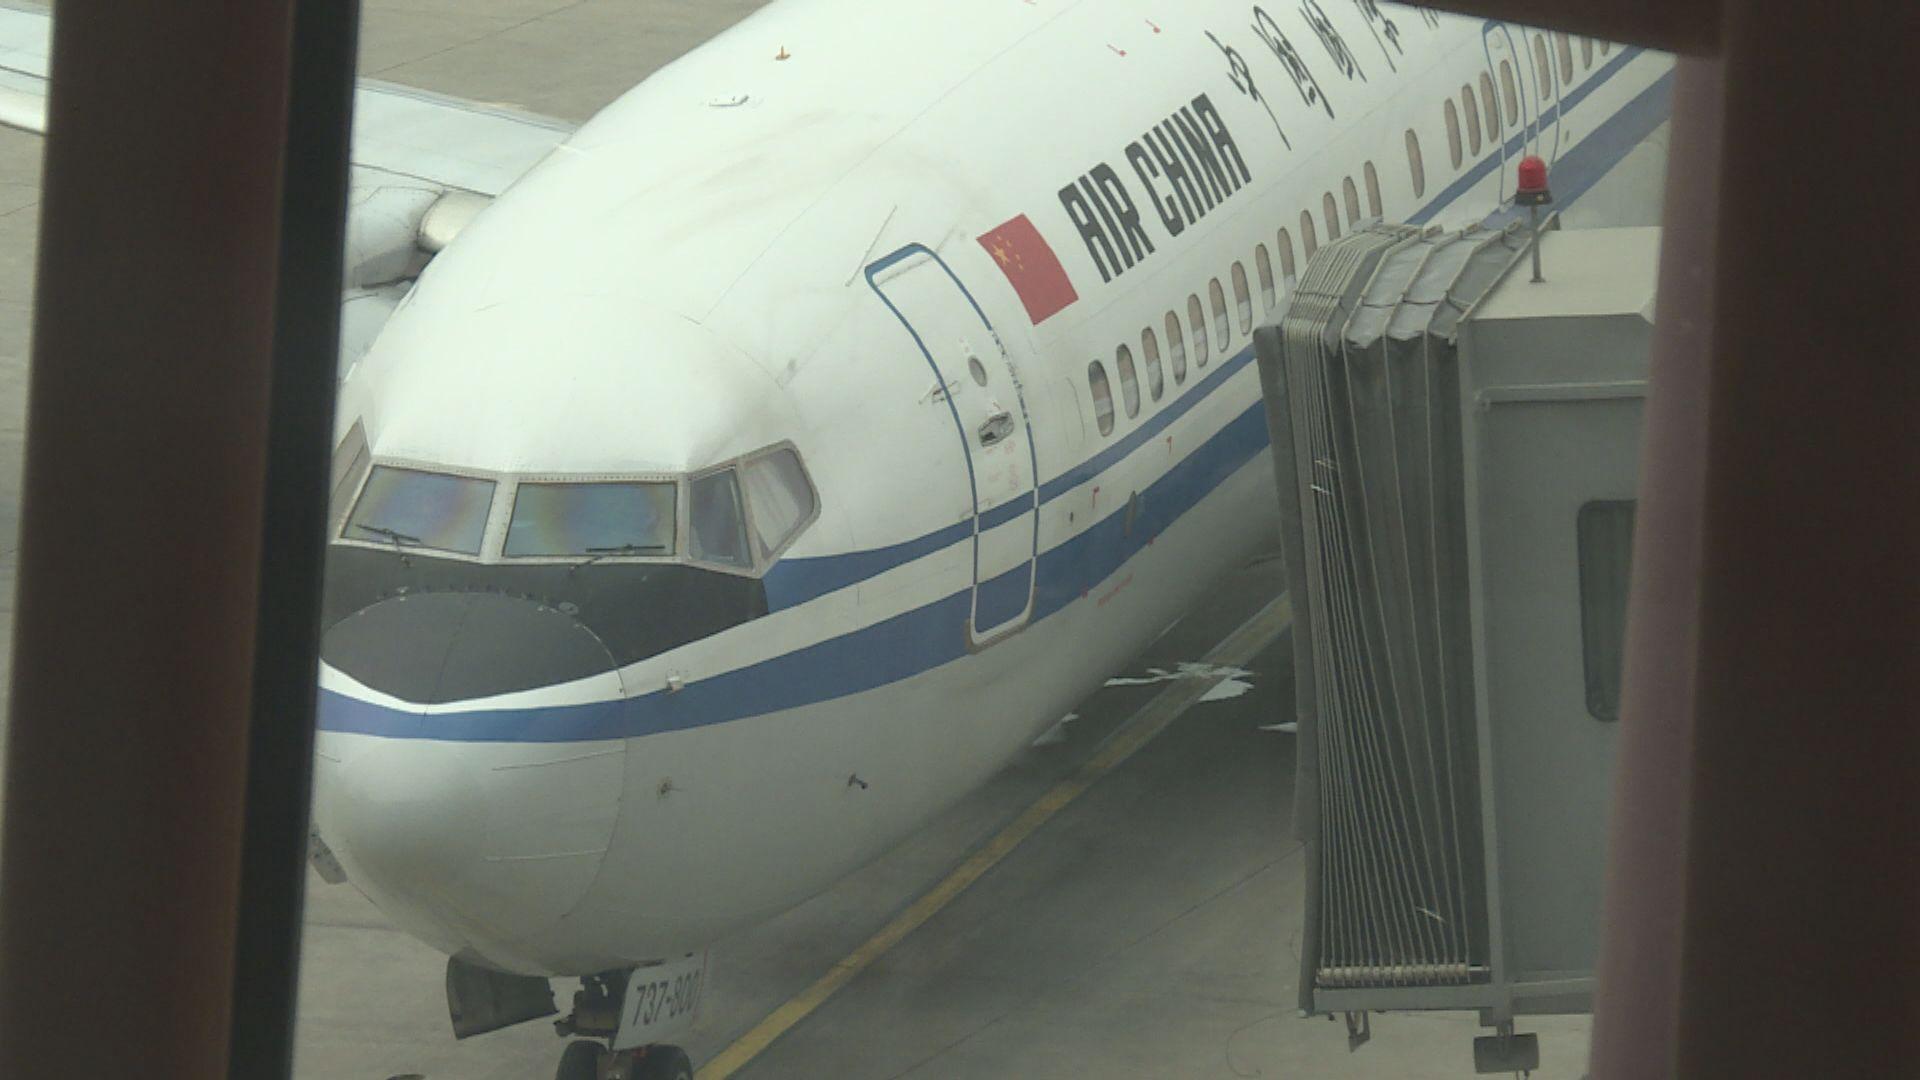 【復飛時間另行通知】民航局要求停飛埃塞俄比亞空難同款客機